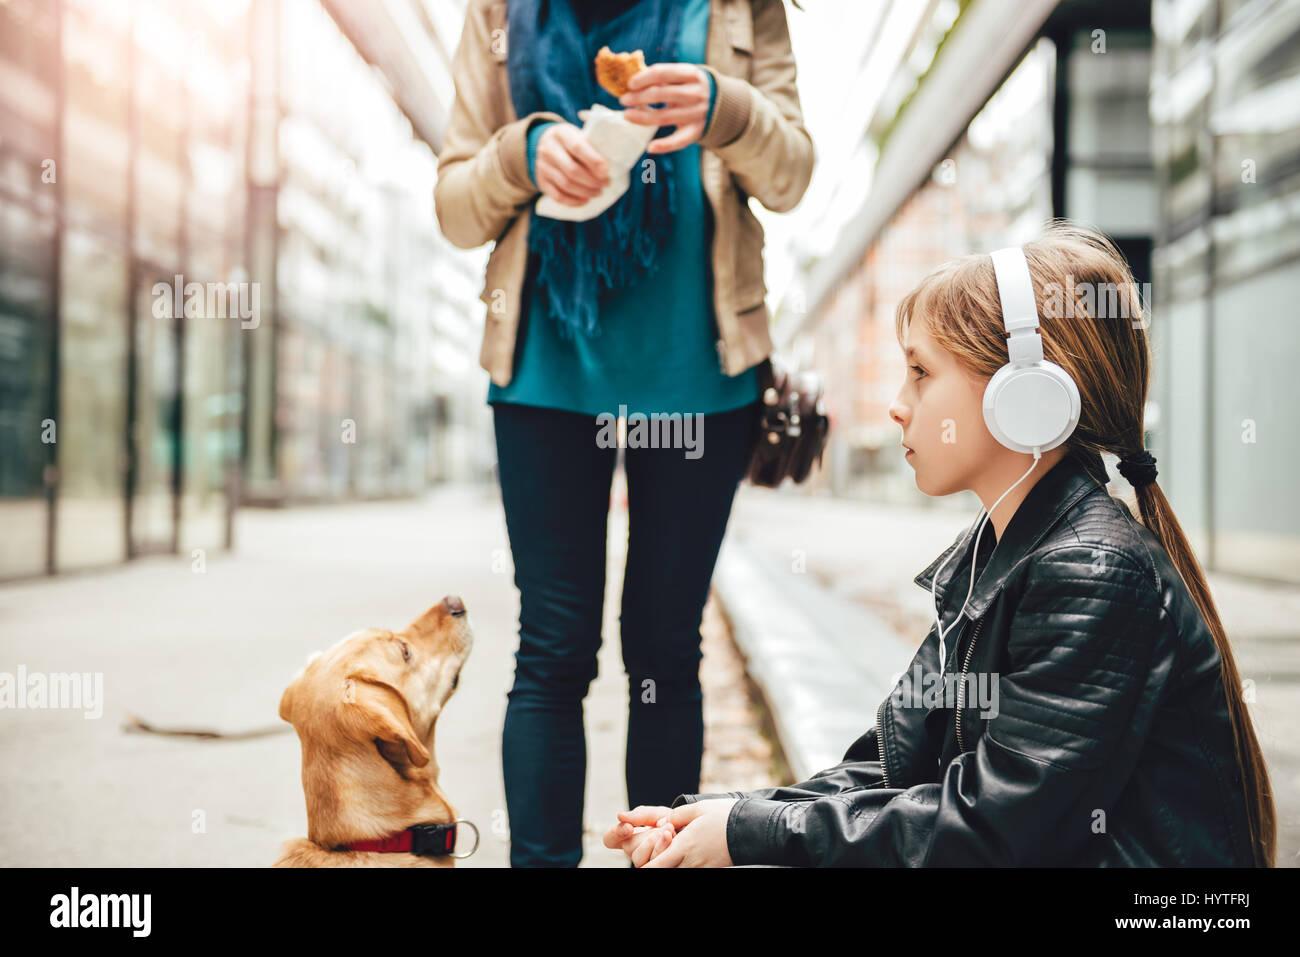 Figlia ascoltando musica in cuffia mentre la madre e il suo cane in piedi accanto a Immagini Stock